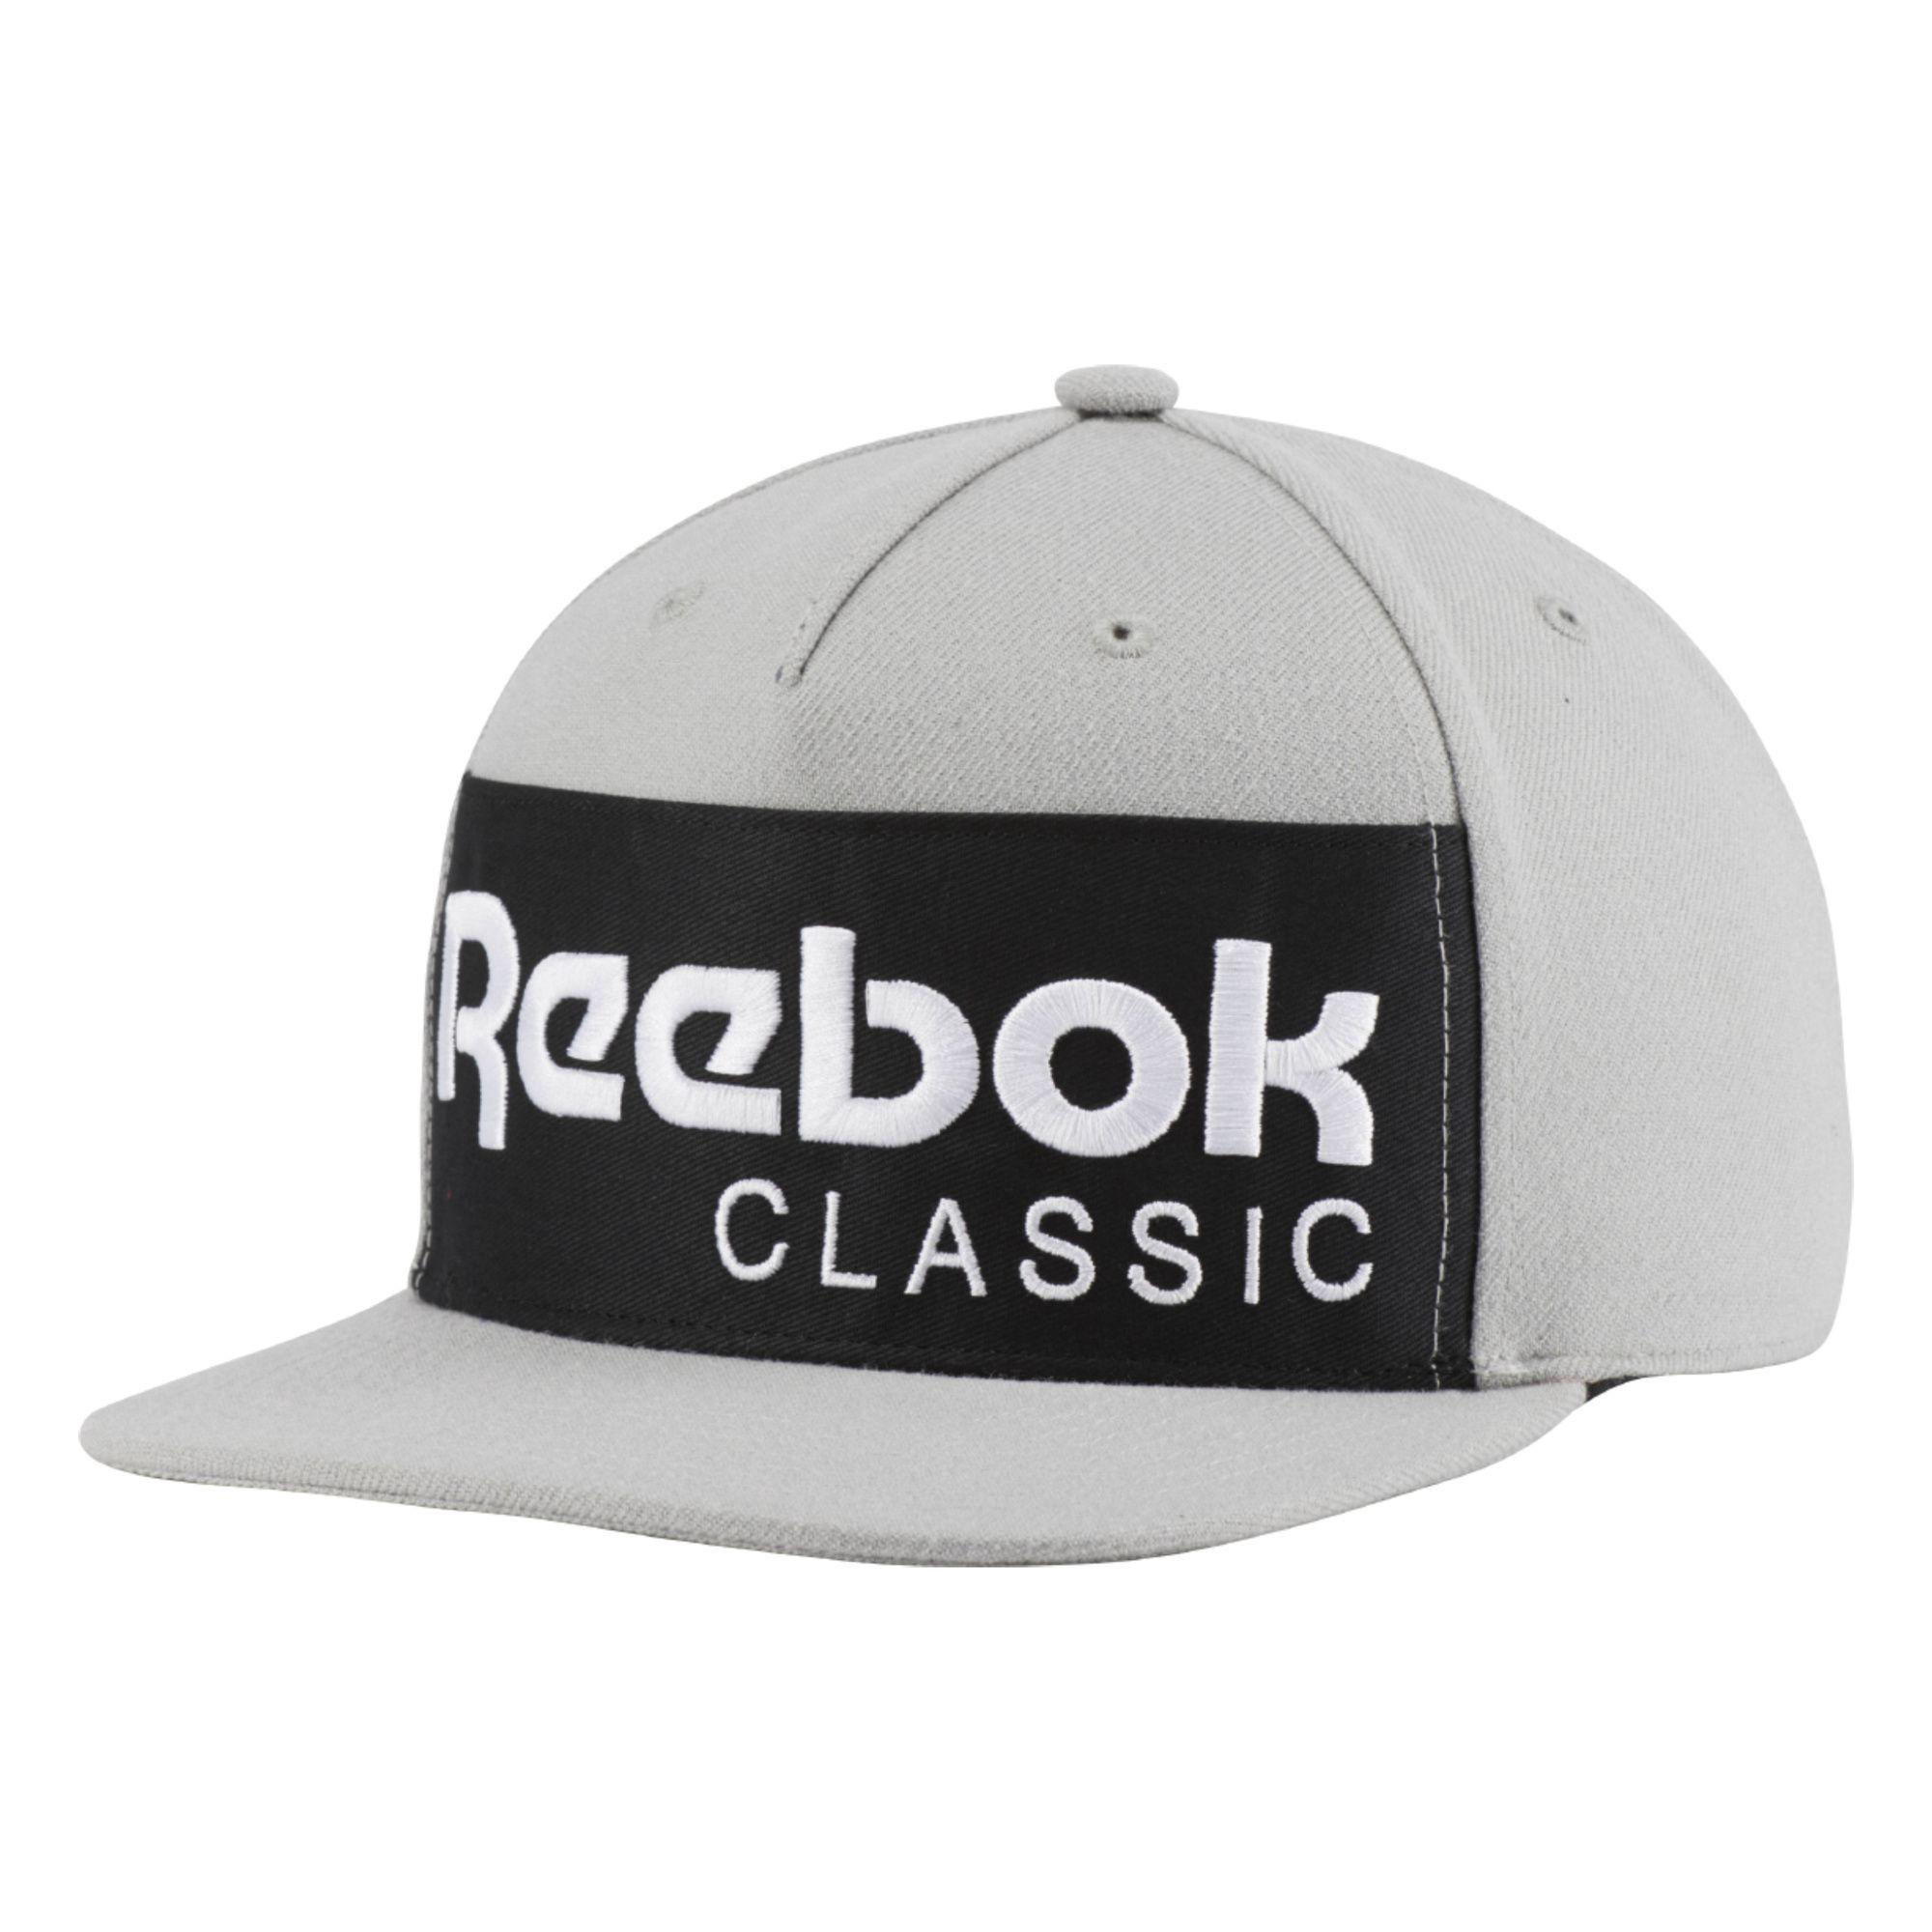 Reebok Classics Foundation Hat - Mgh Solid Grey   Black M-58 22869a285ef